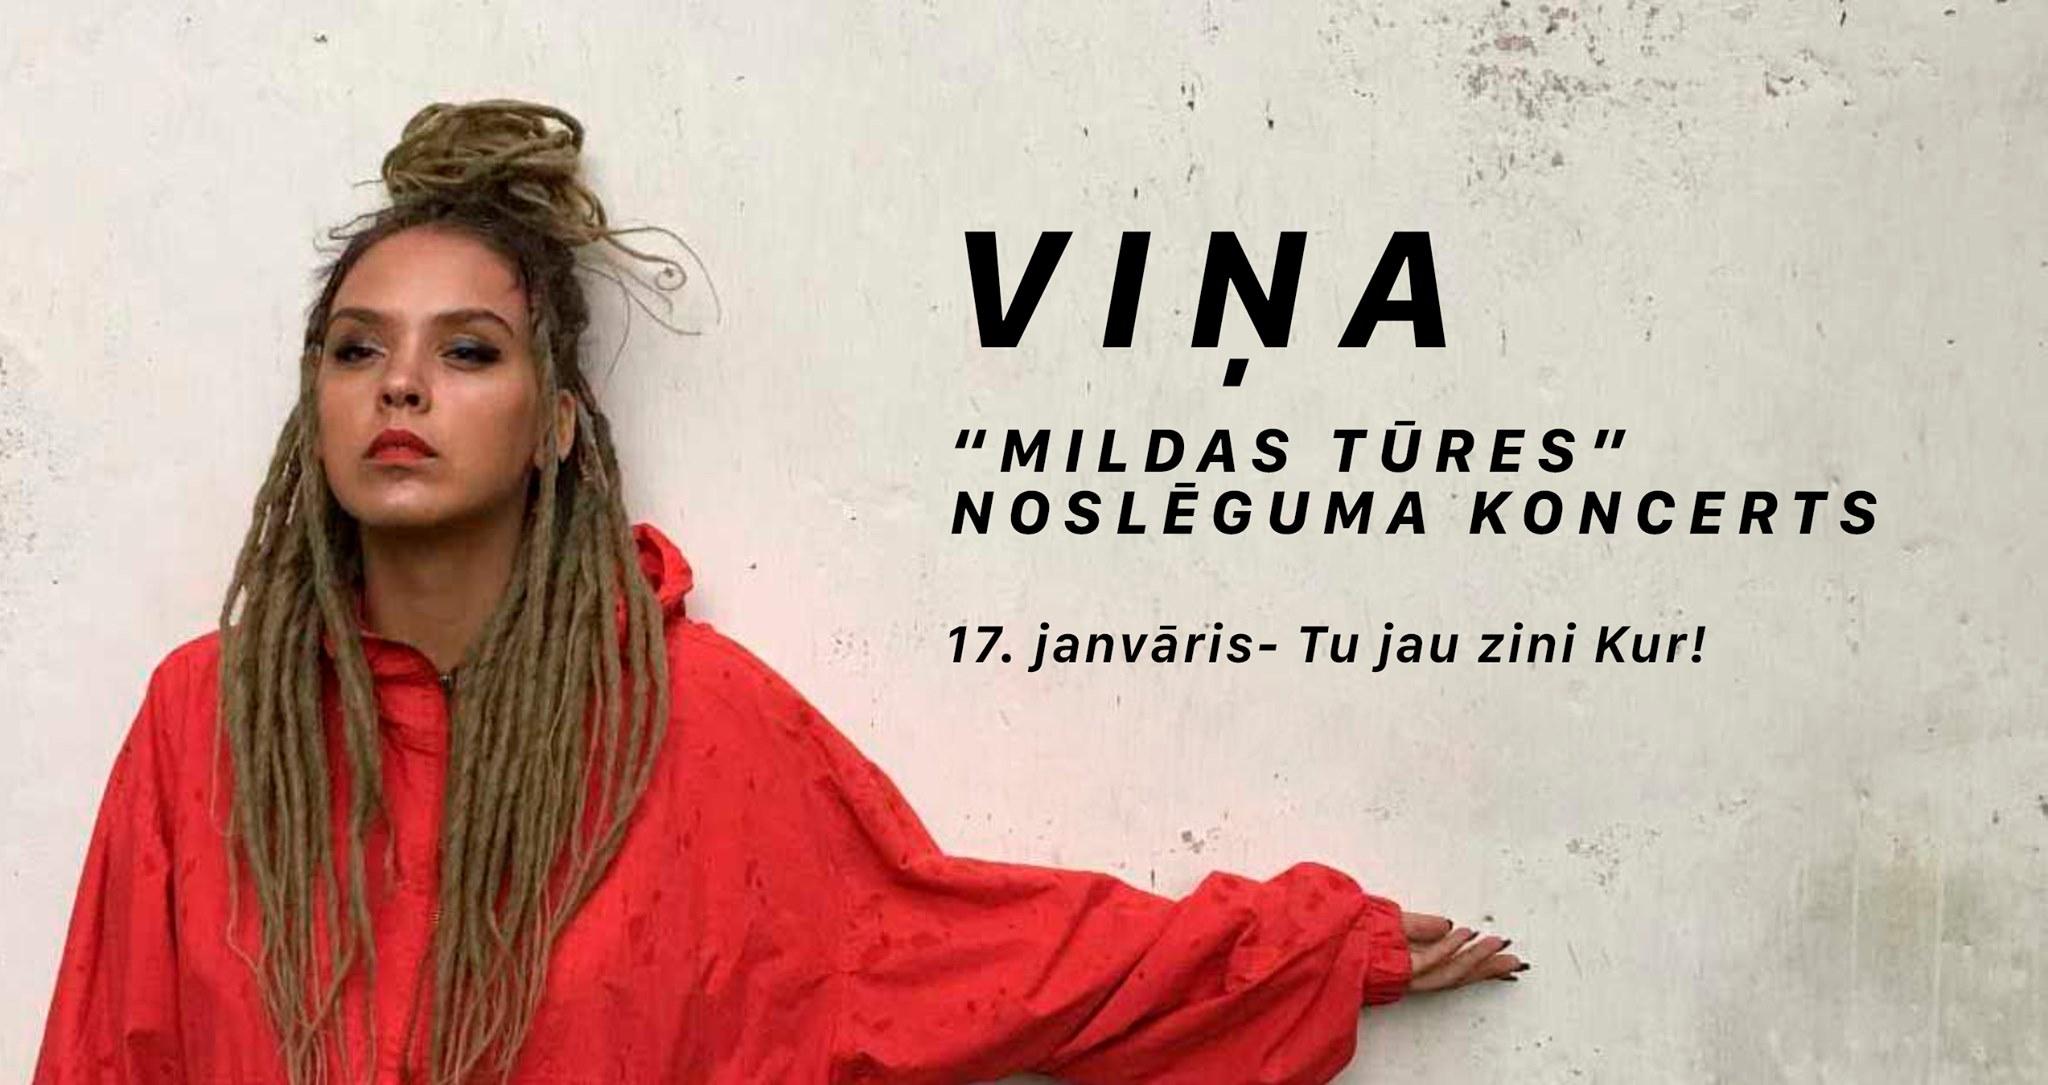 VIŅA – Mildas tūres noslēguma koncerts